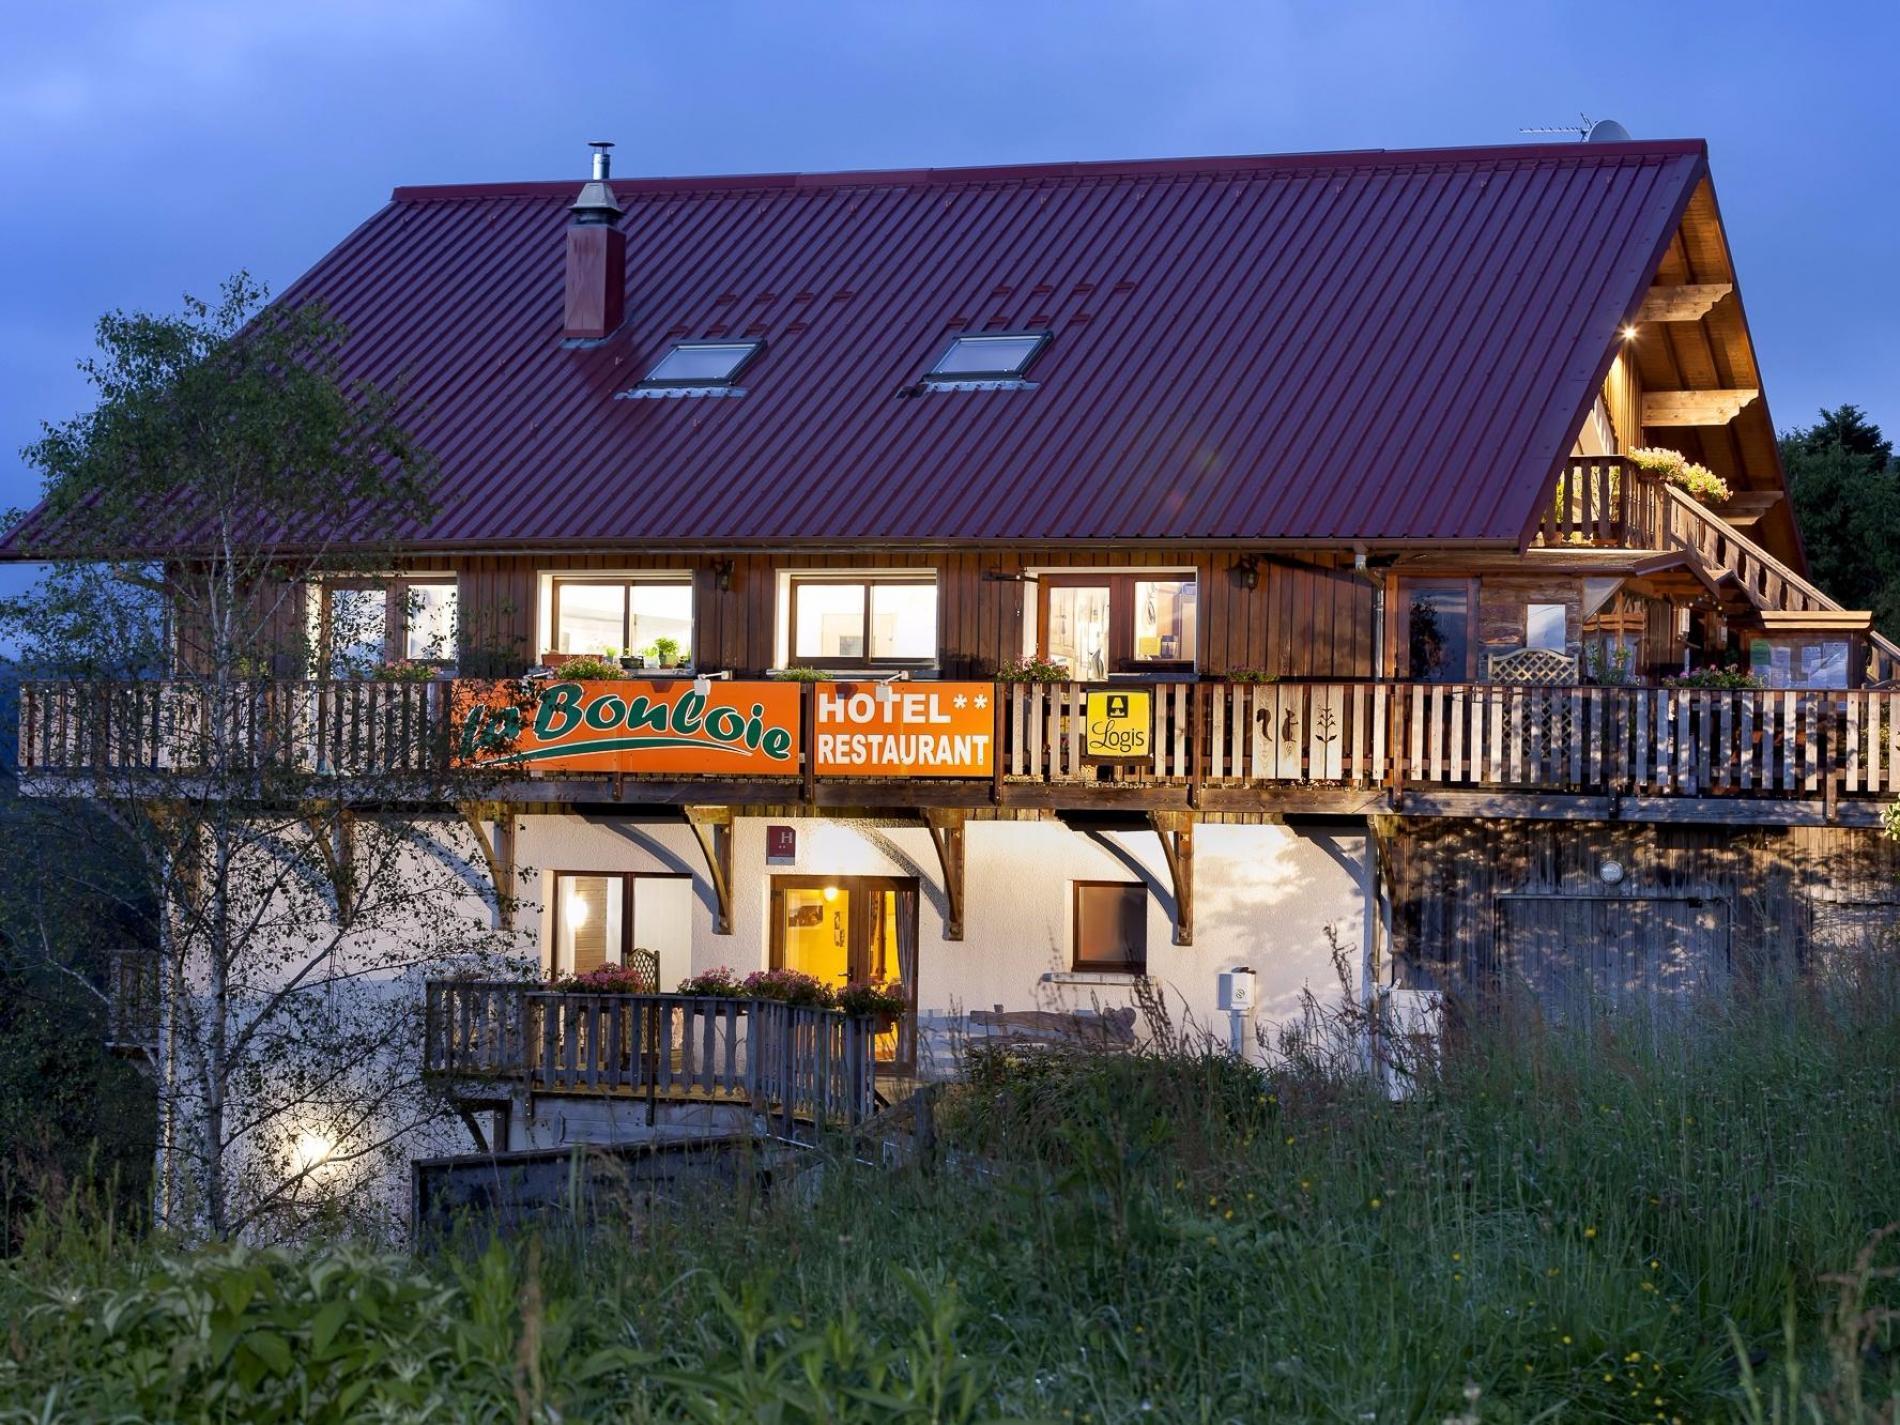 Logis Hotel vue panoramique sur la vallée ou la Moselle